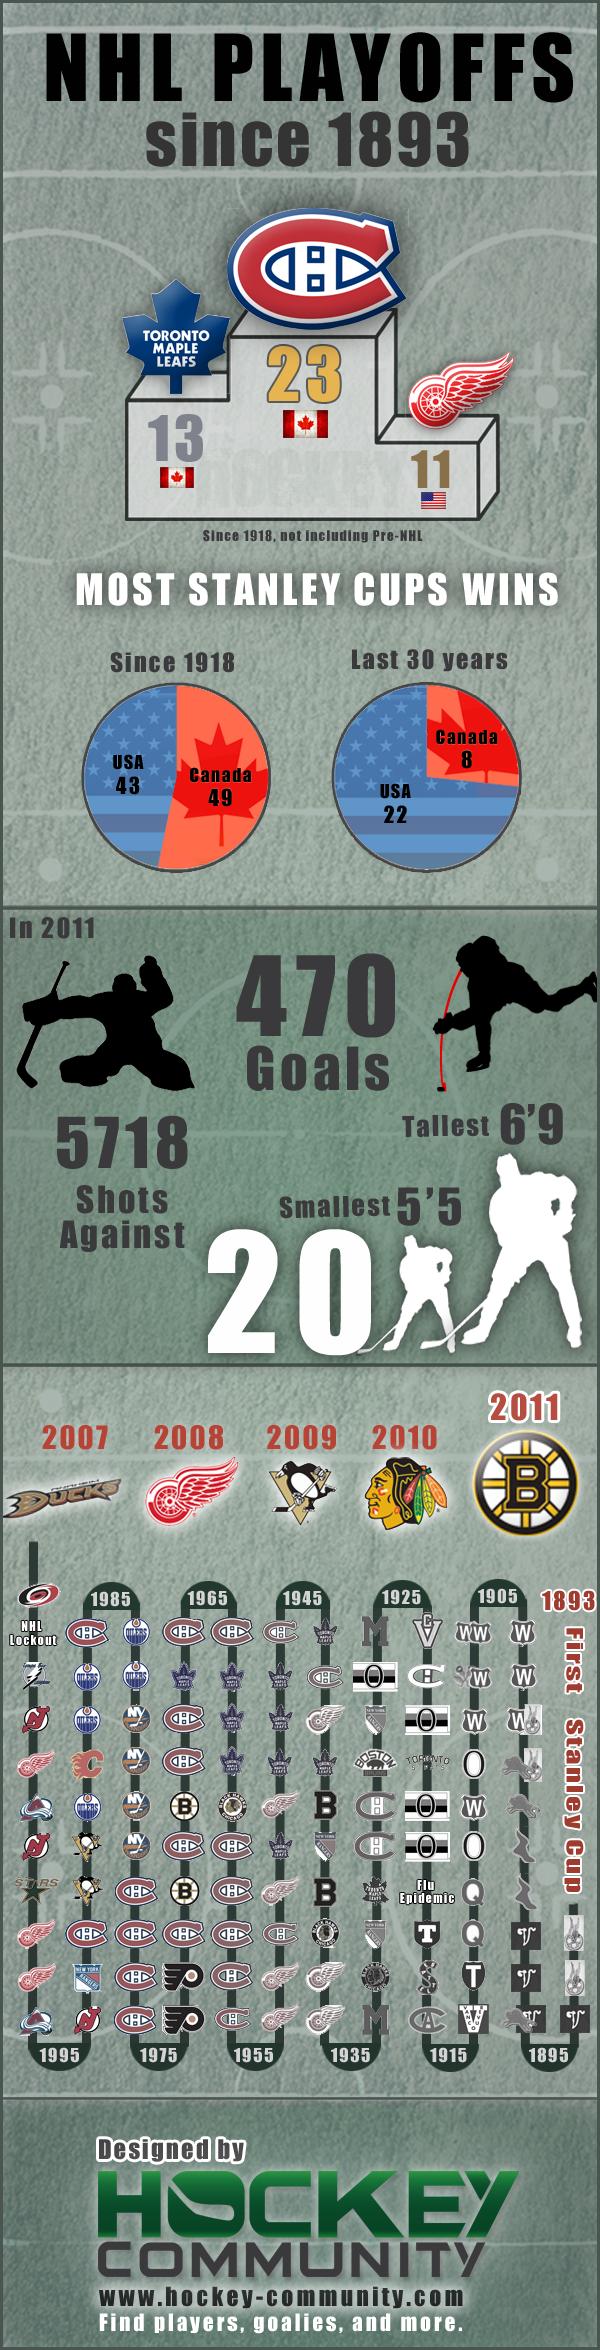 Best 25 hockey playoffs ideas on pinterest blackhawks playoffs nhl hockey playoffs and stanley cup trophy